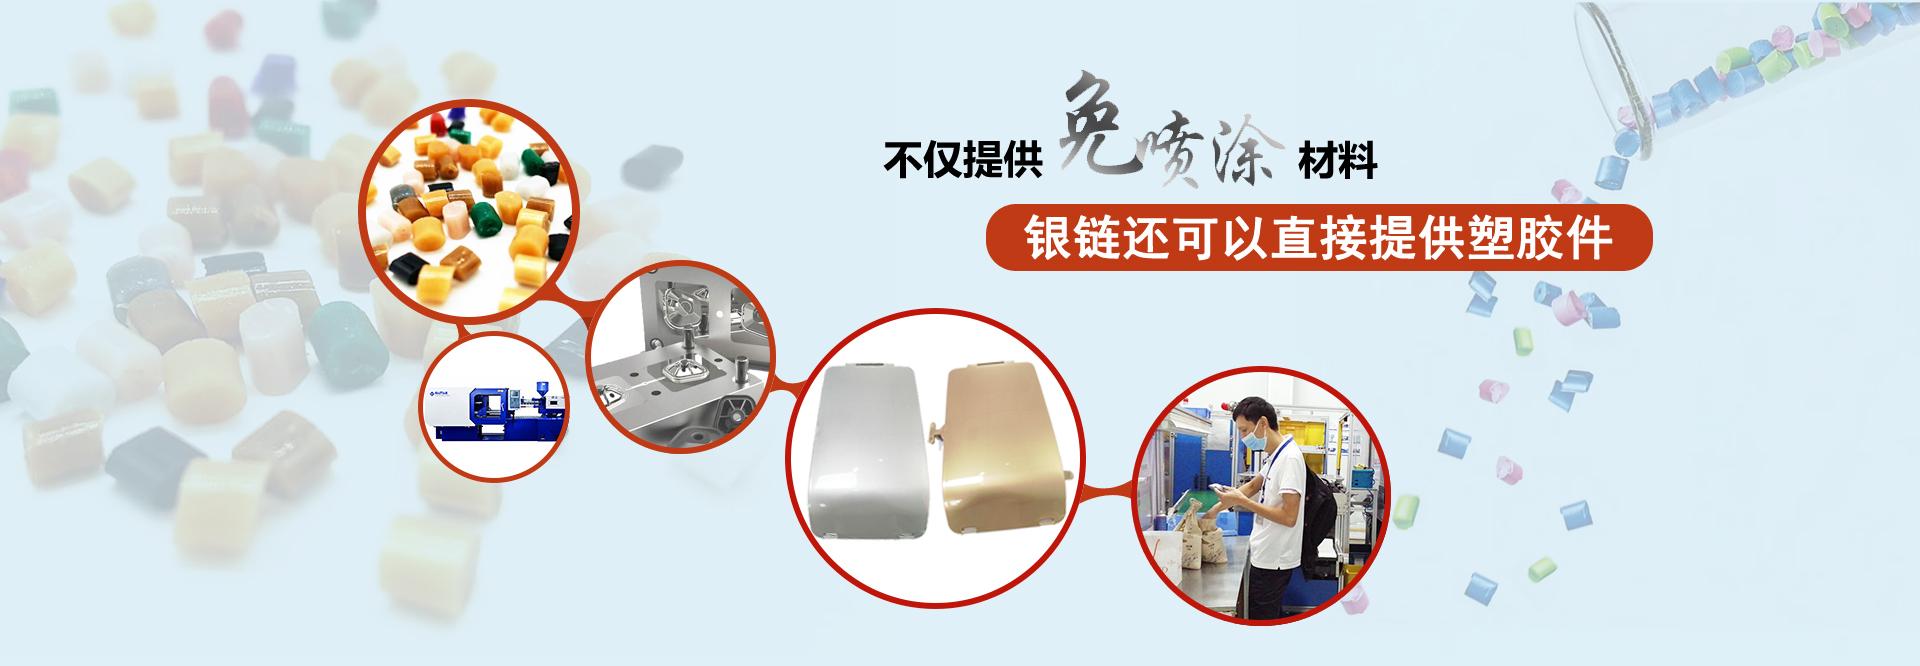 银链-免喷涂新型材料应用方案提供商